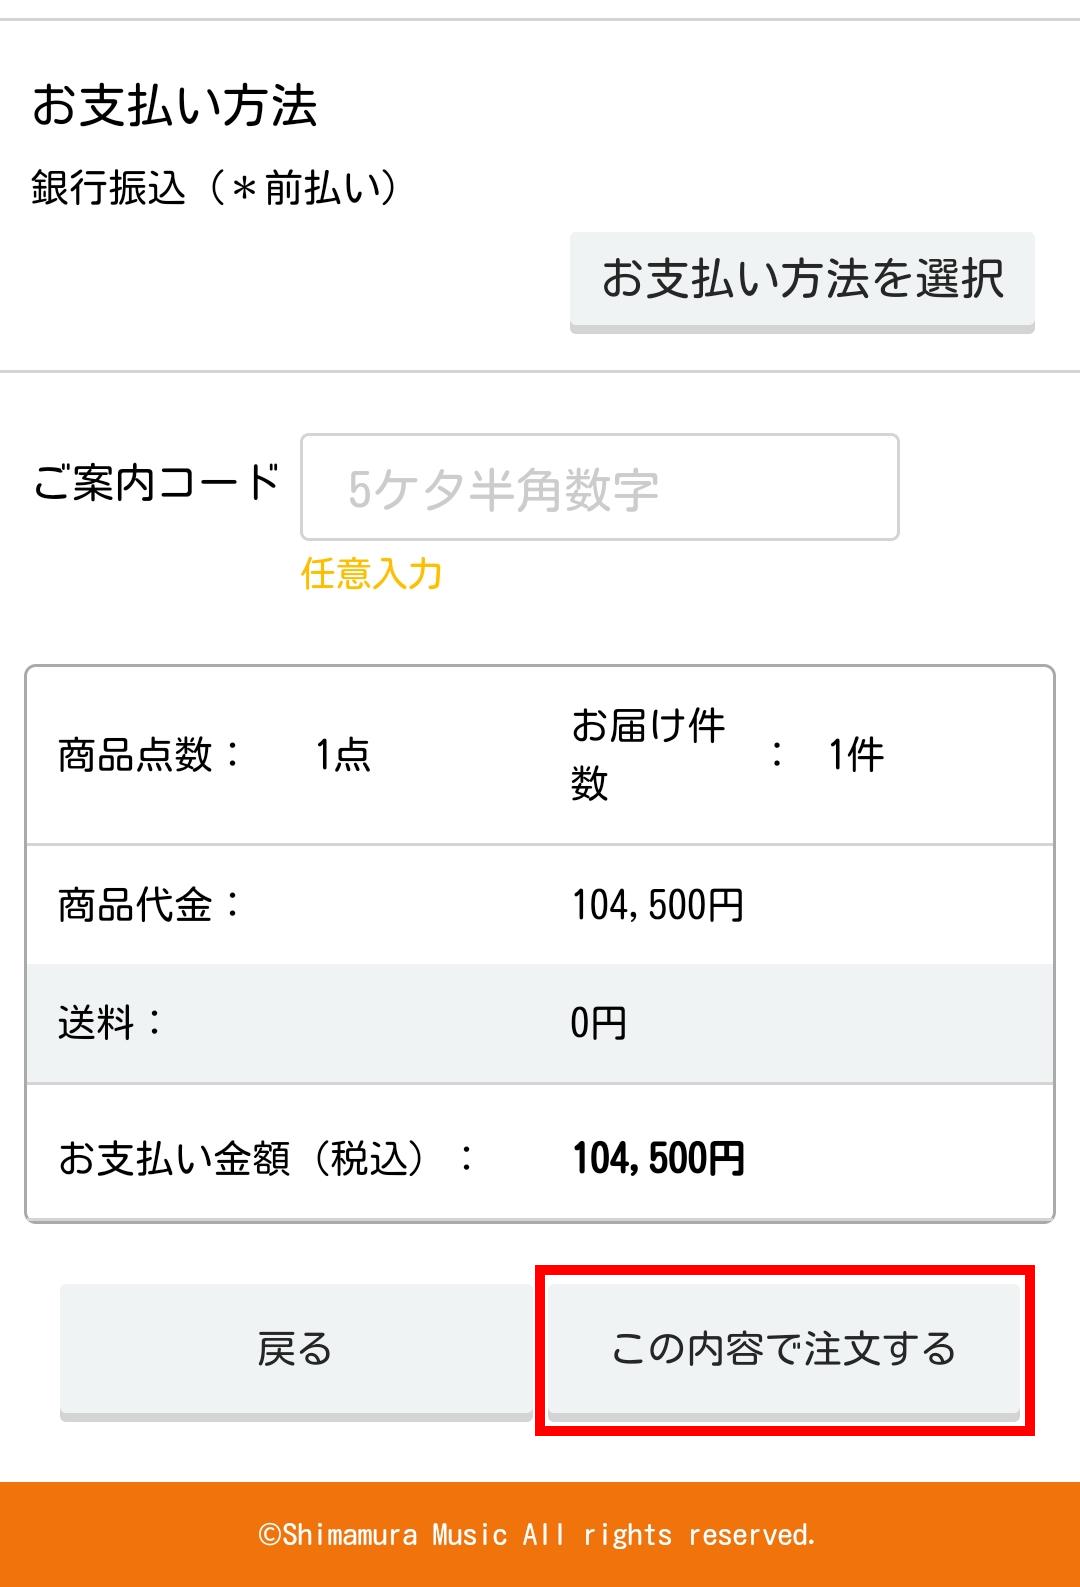 オンラインストア説明_ご注文確定